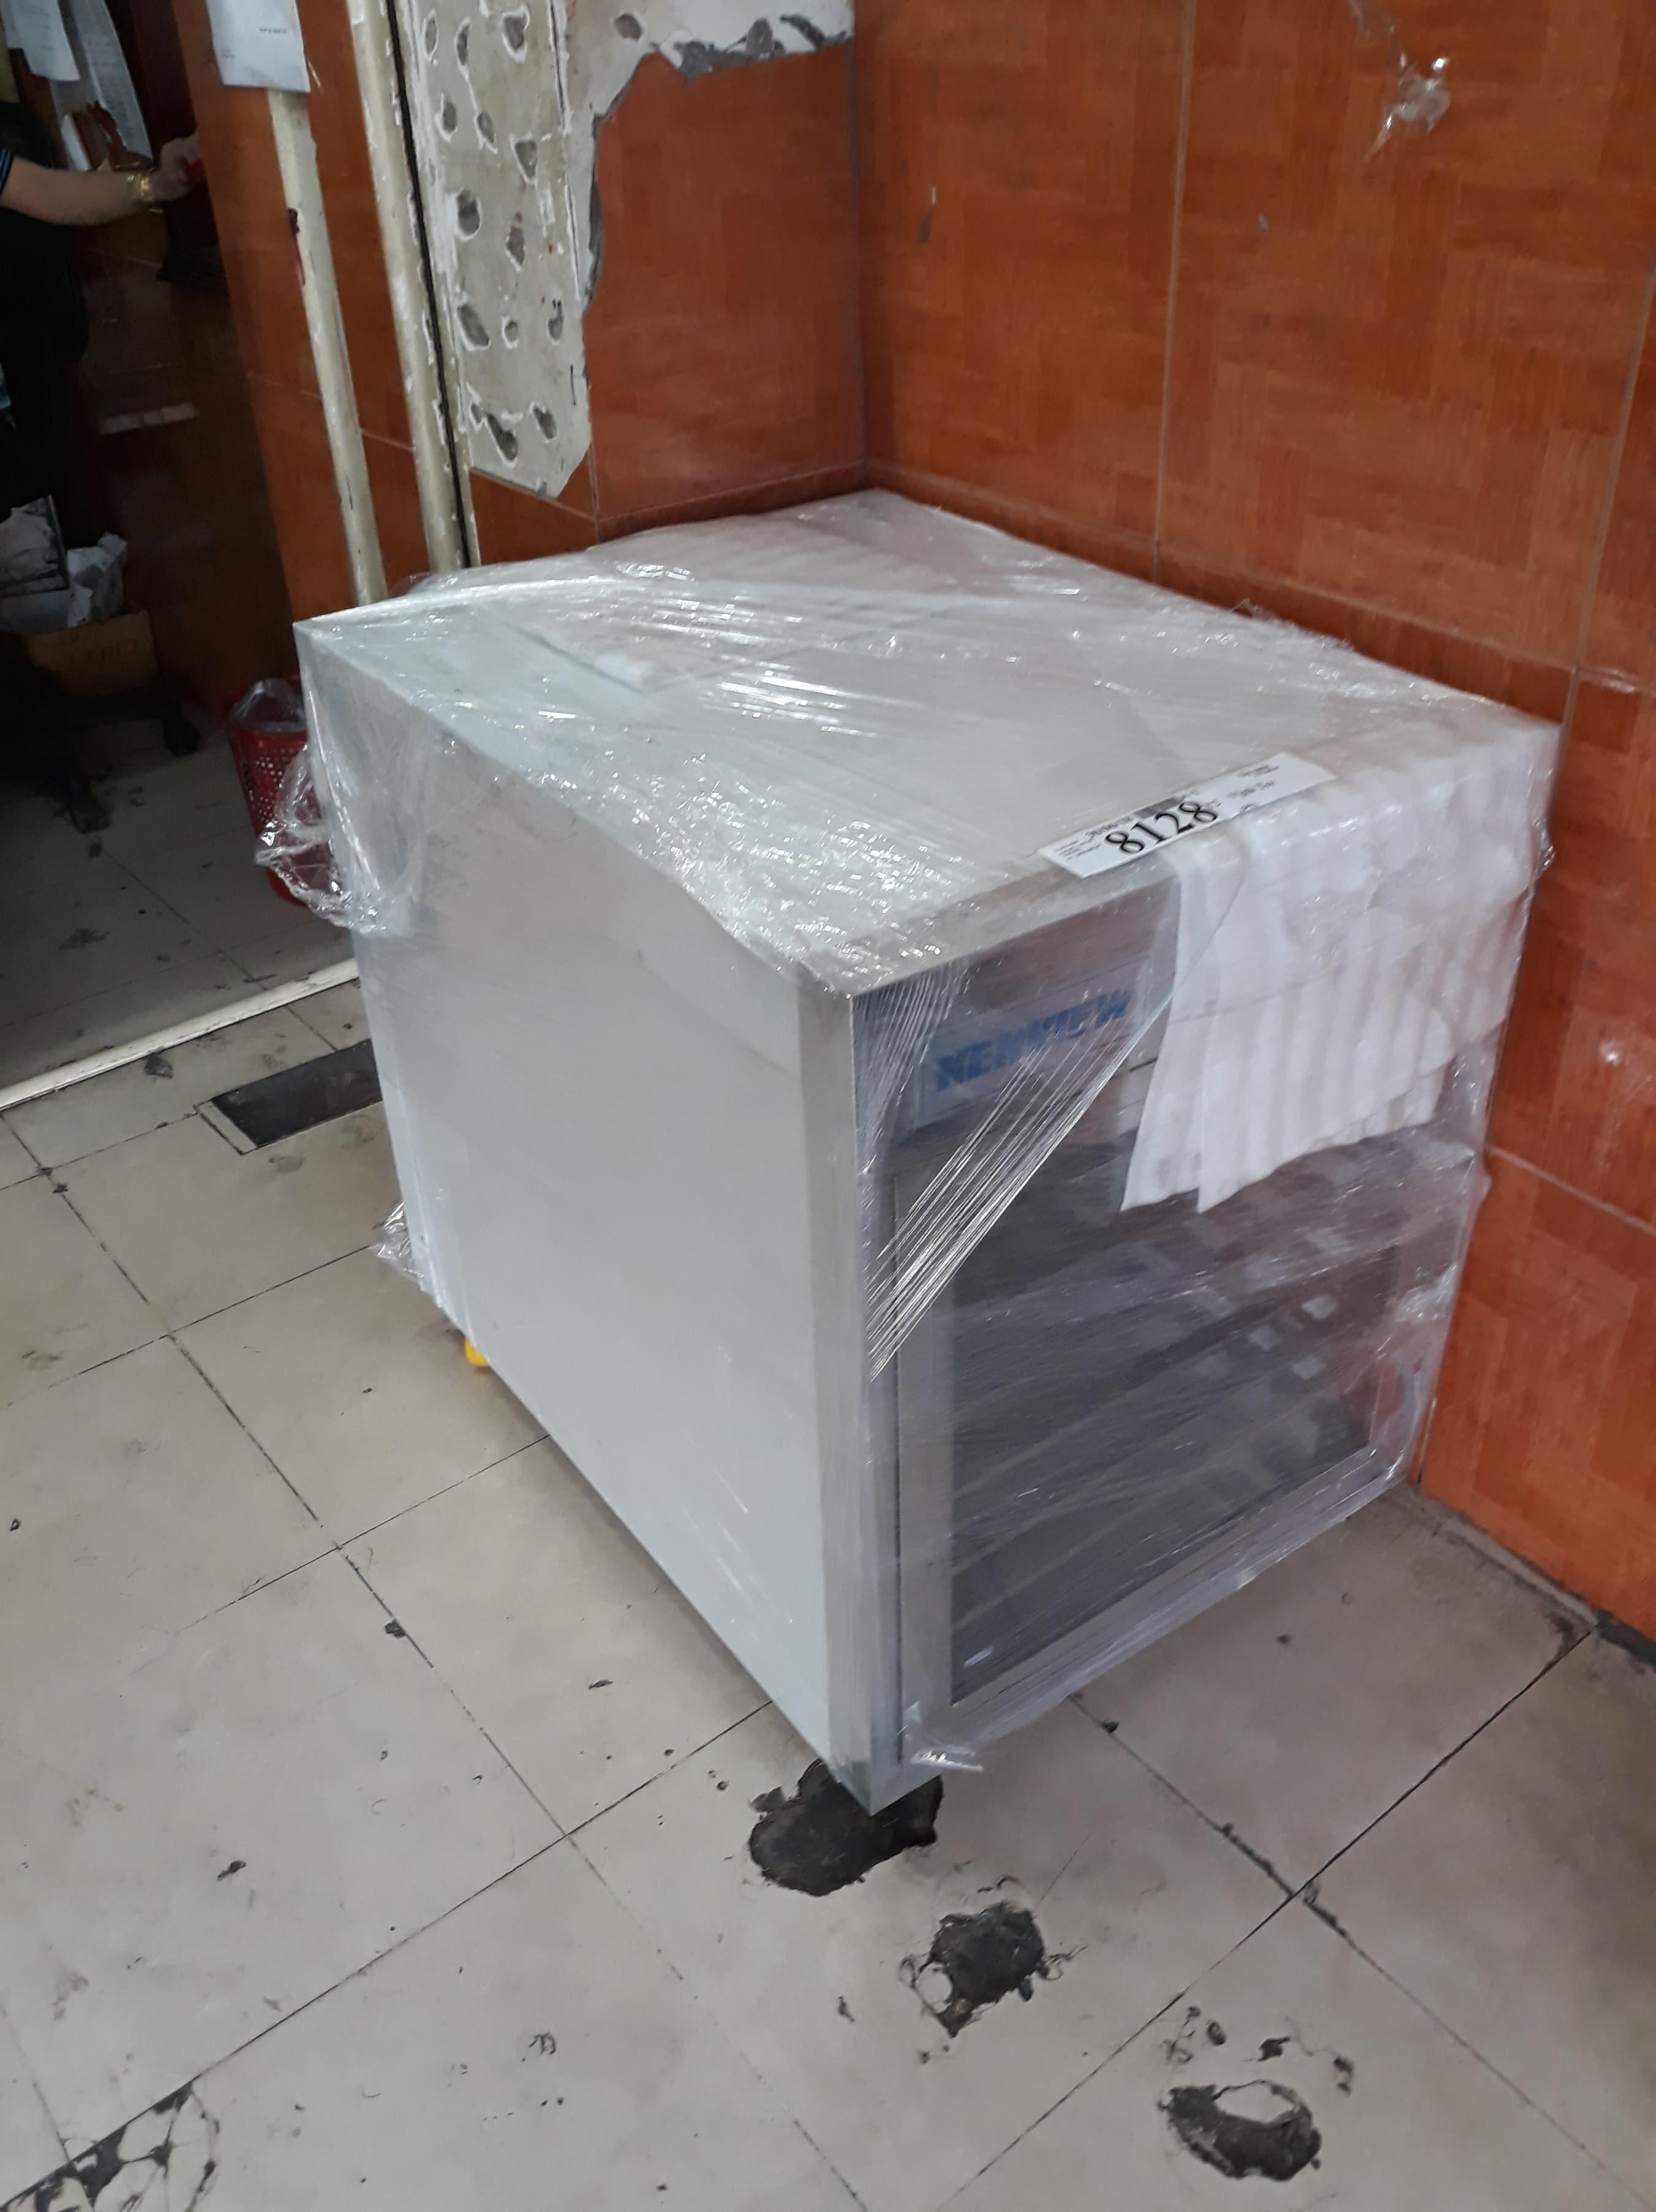 Cung cấp máy sấy hải sản An Giang - Máy sấy kenview